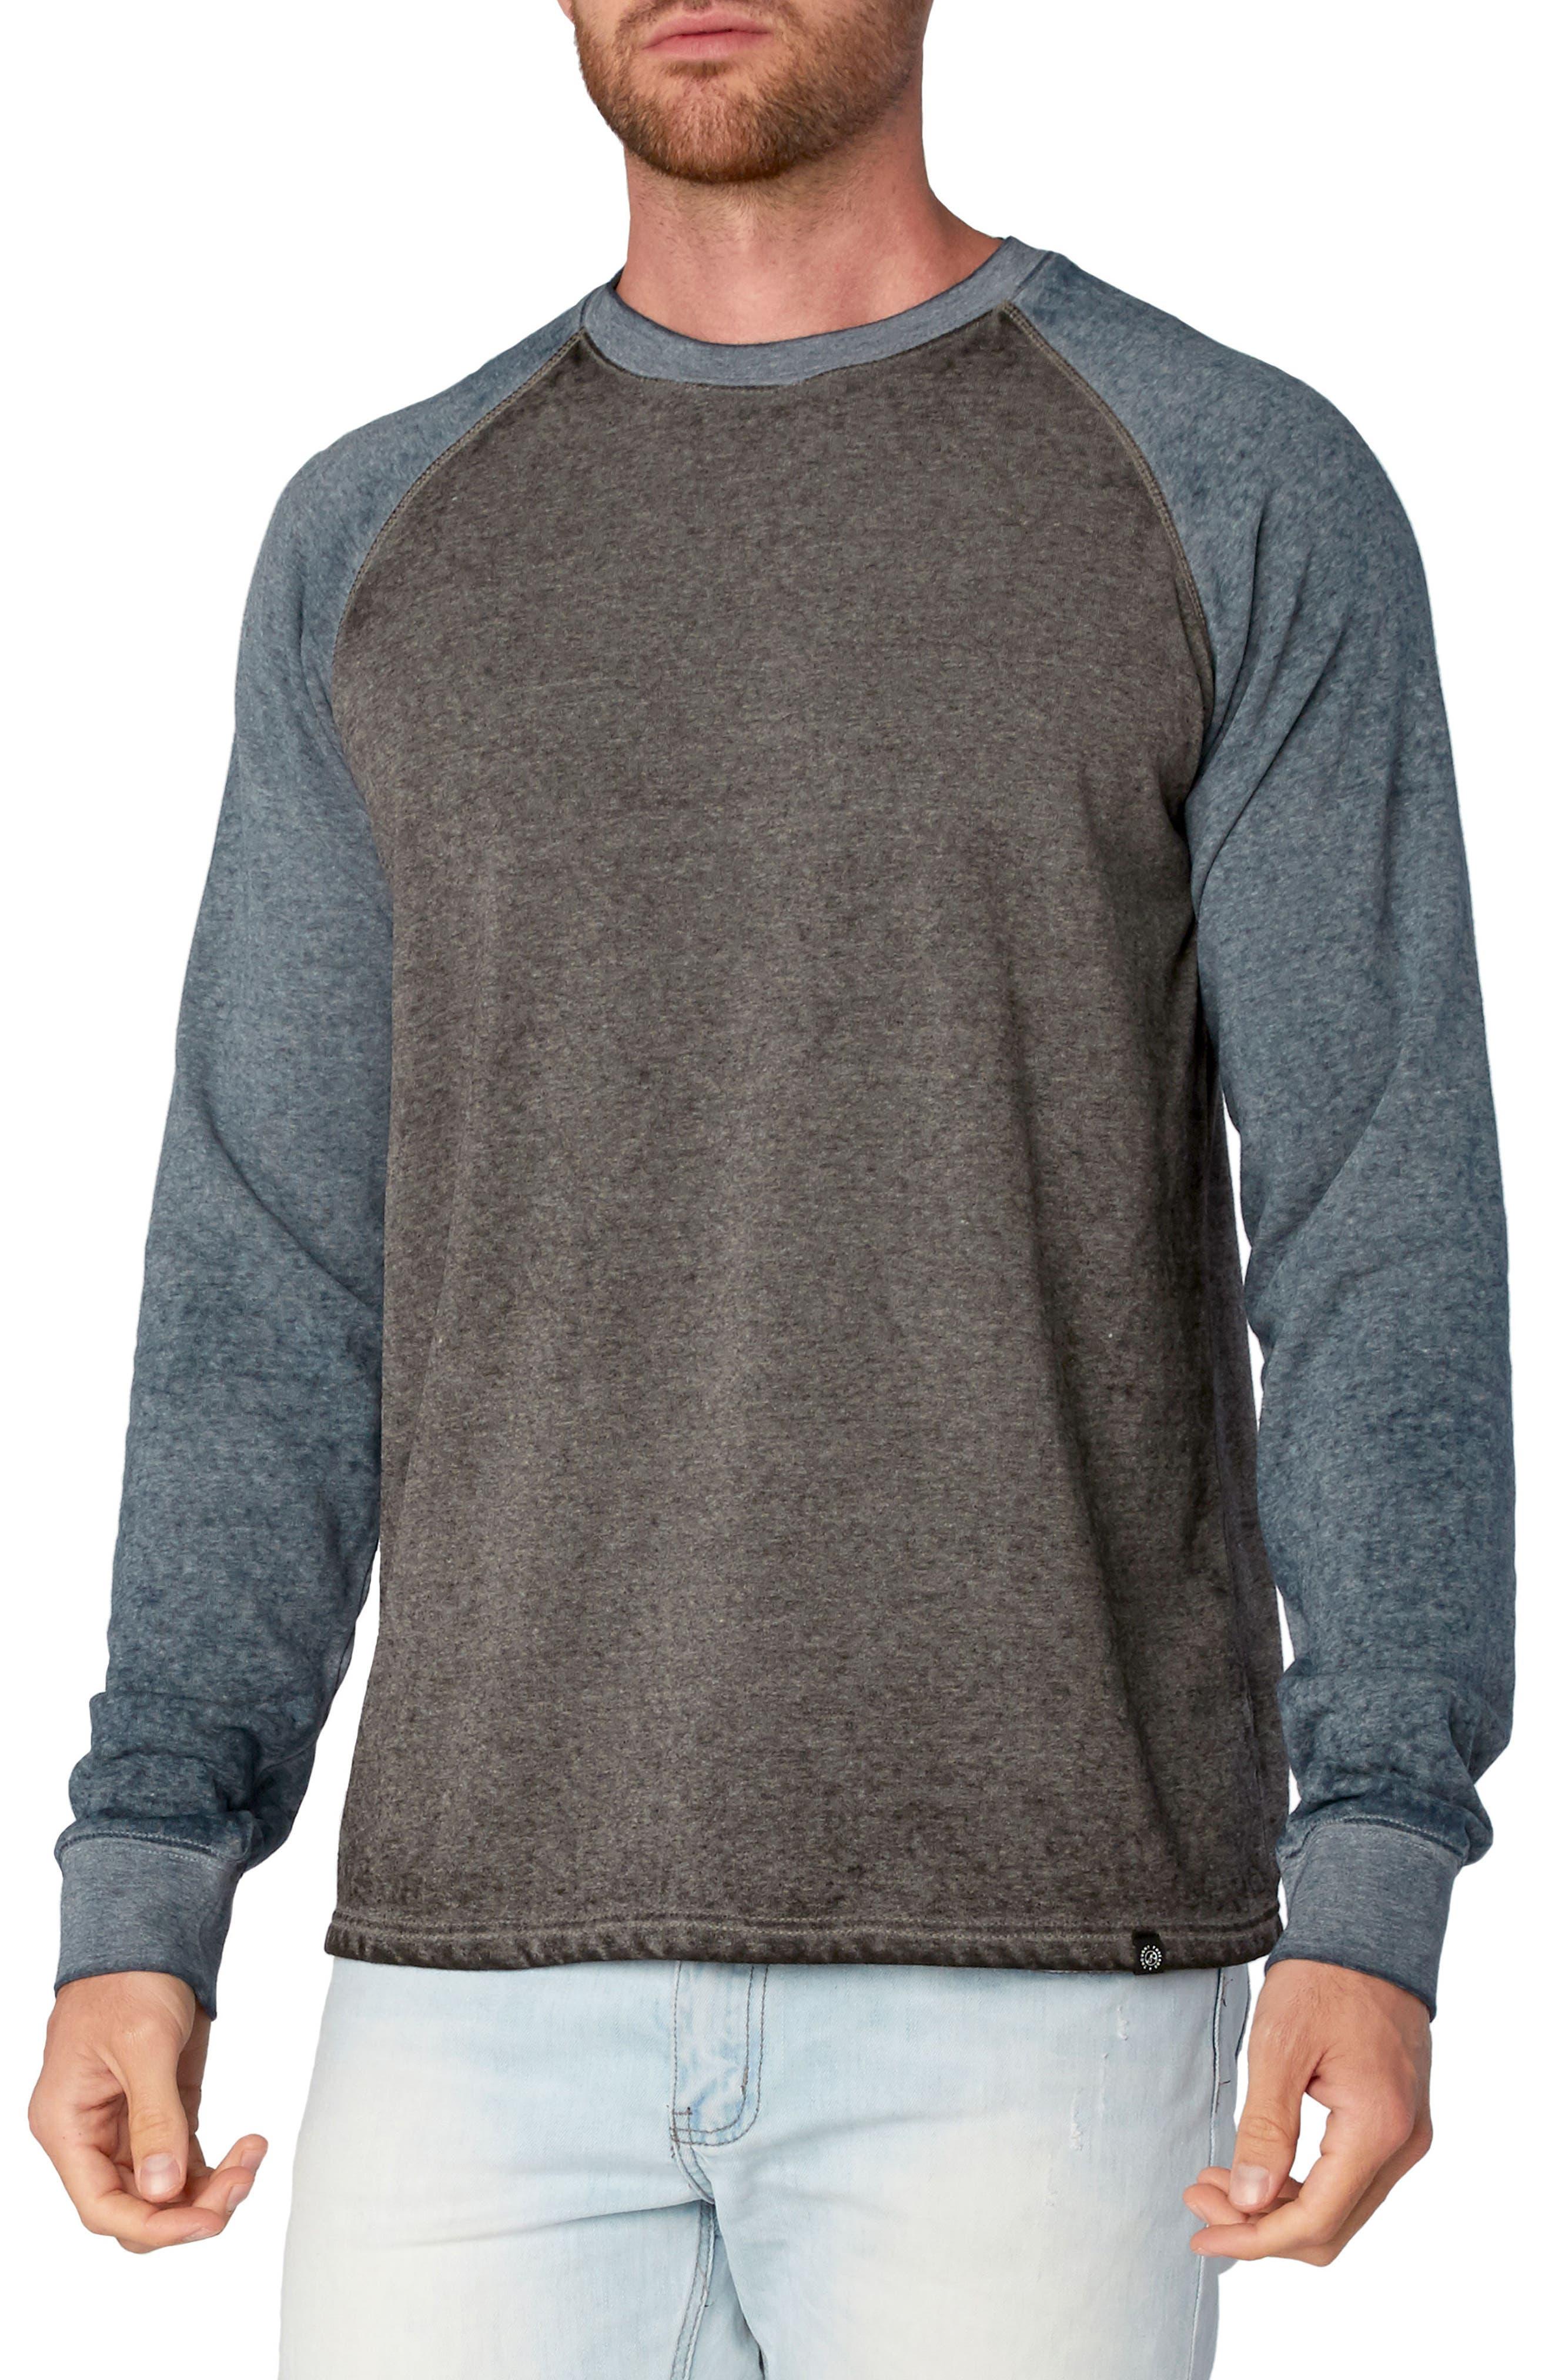 Washed Raglan Sleeve Sweatshirt,                             Main thumbnail 1, color,                             001